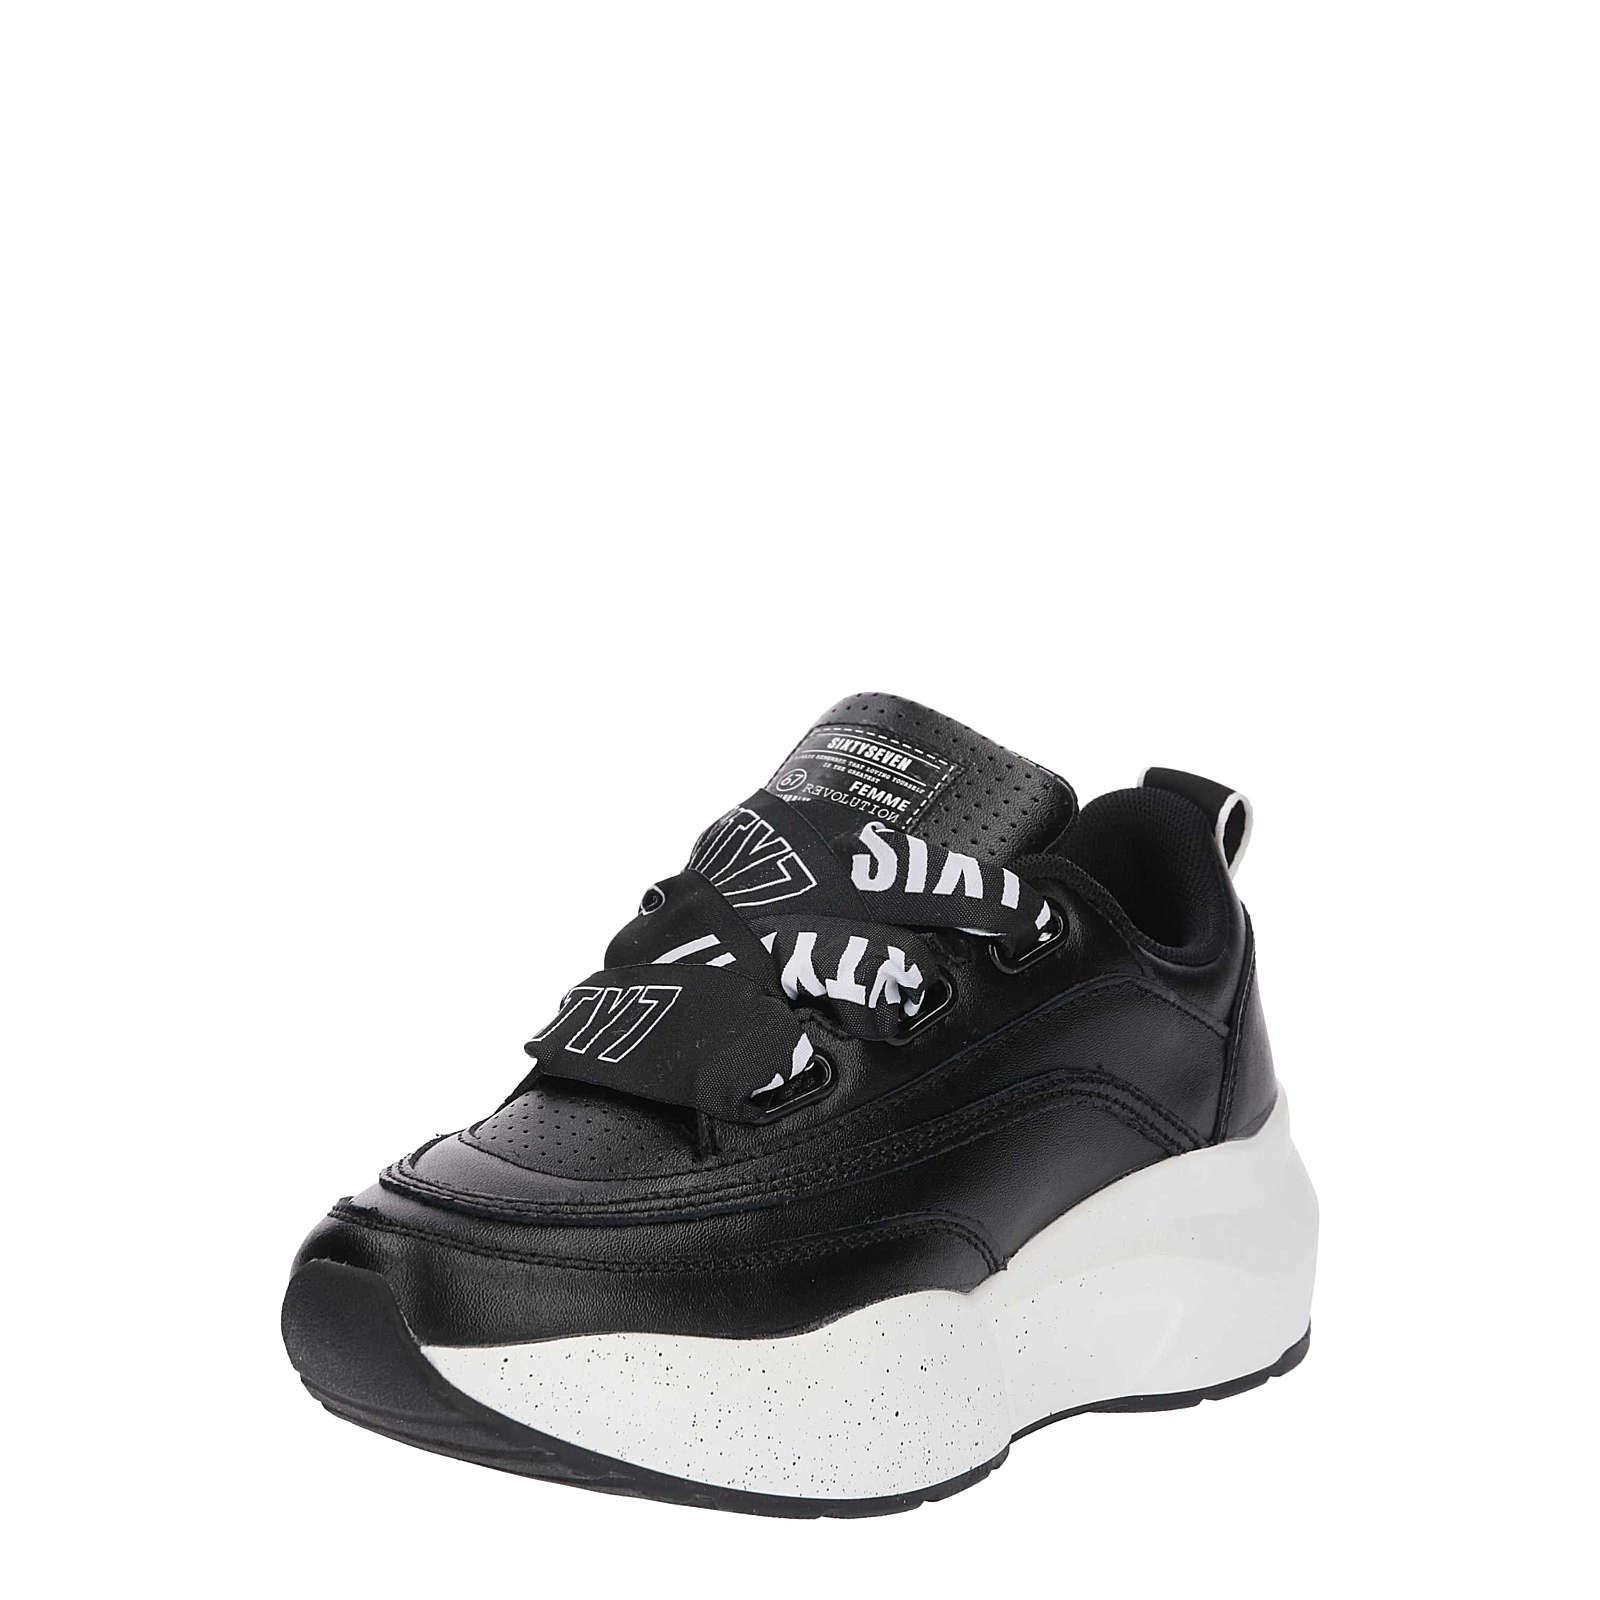 Sixtyseven Sneaker low MINAMI Sneakers Low weiß Damen Gr. 39